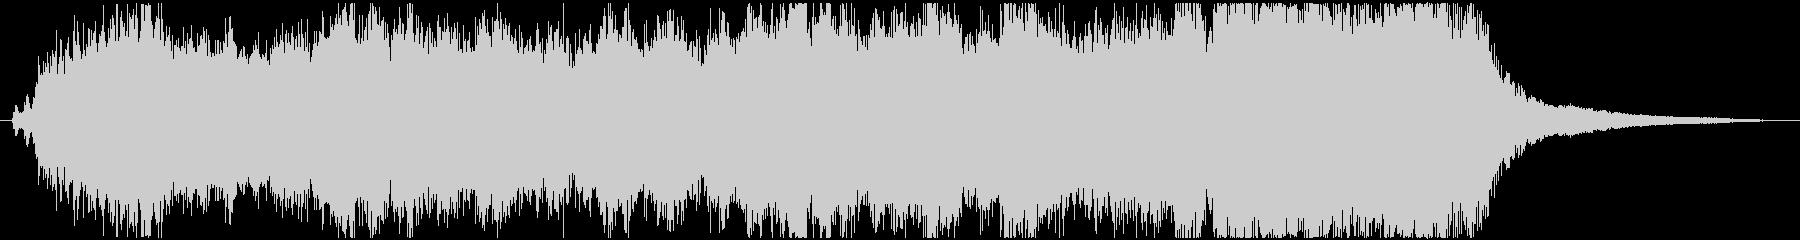 威厳のあるオーケストラファンファーレの未再生の波形